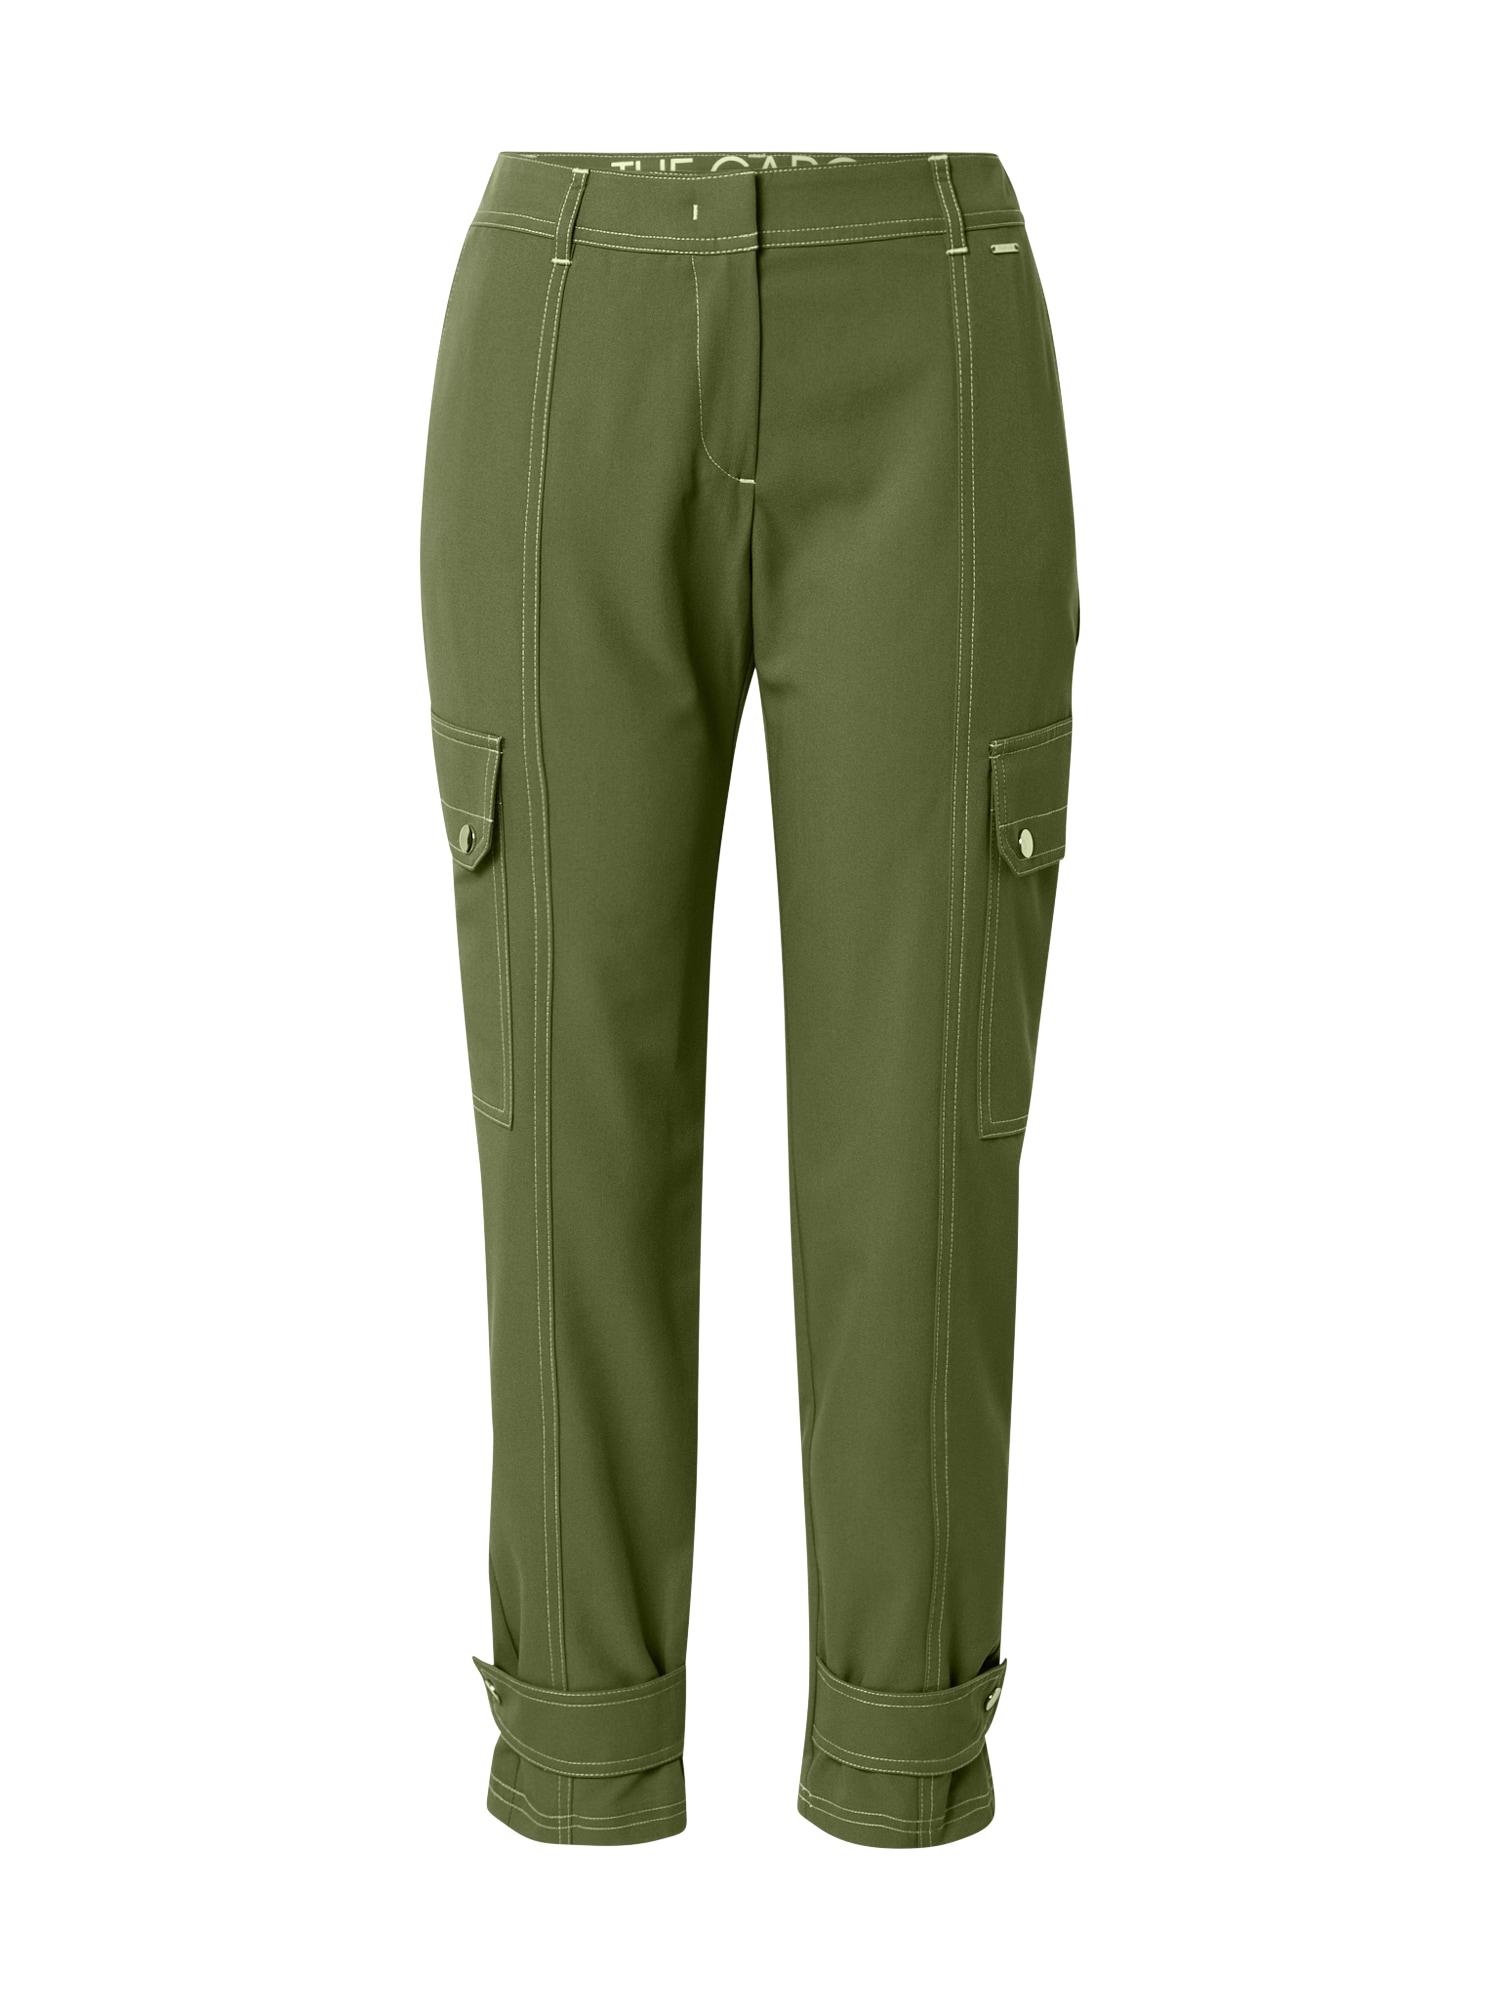 TAIFUN Darbinio stiliaus džinsai rusvai žalia